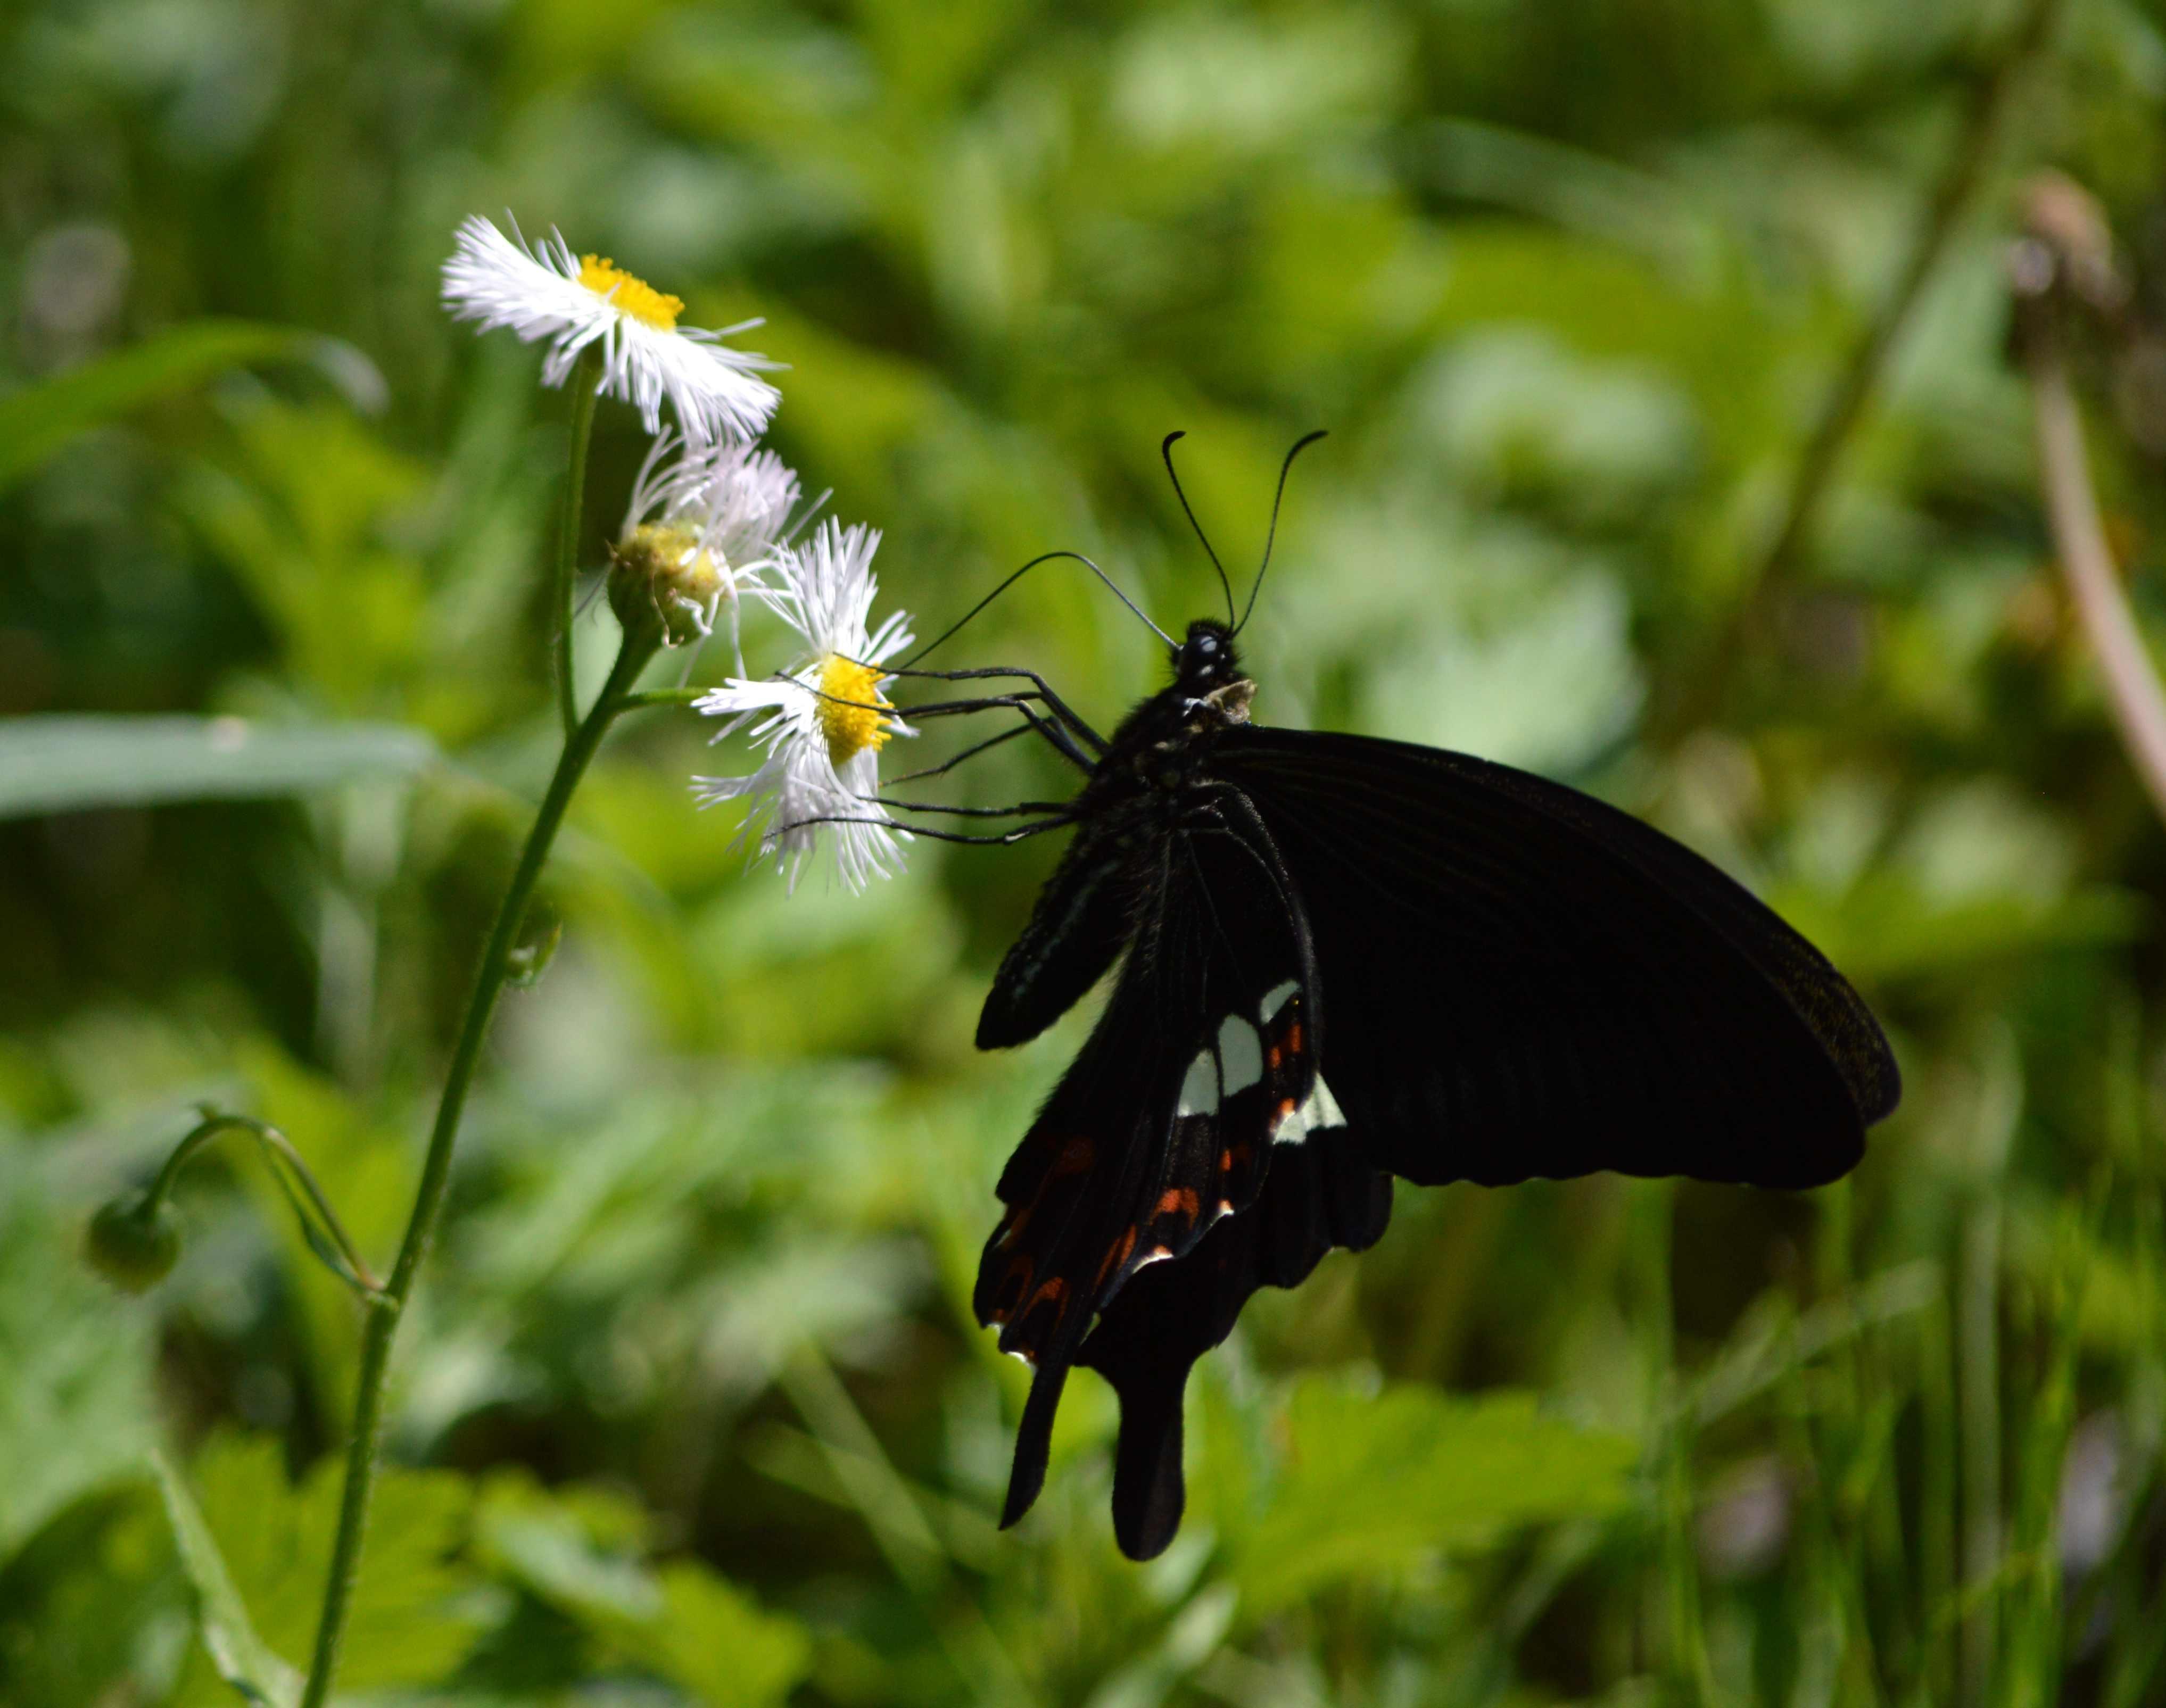 モンキアゲハ 5月2日ツツジの咲く公園にて_d0254540_5115148.jpg